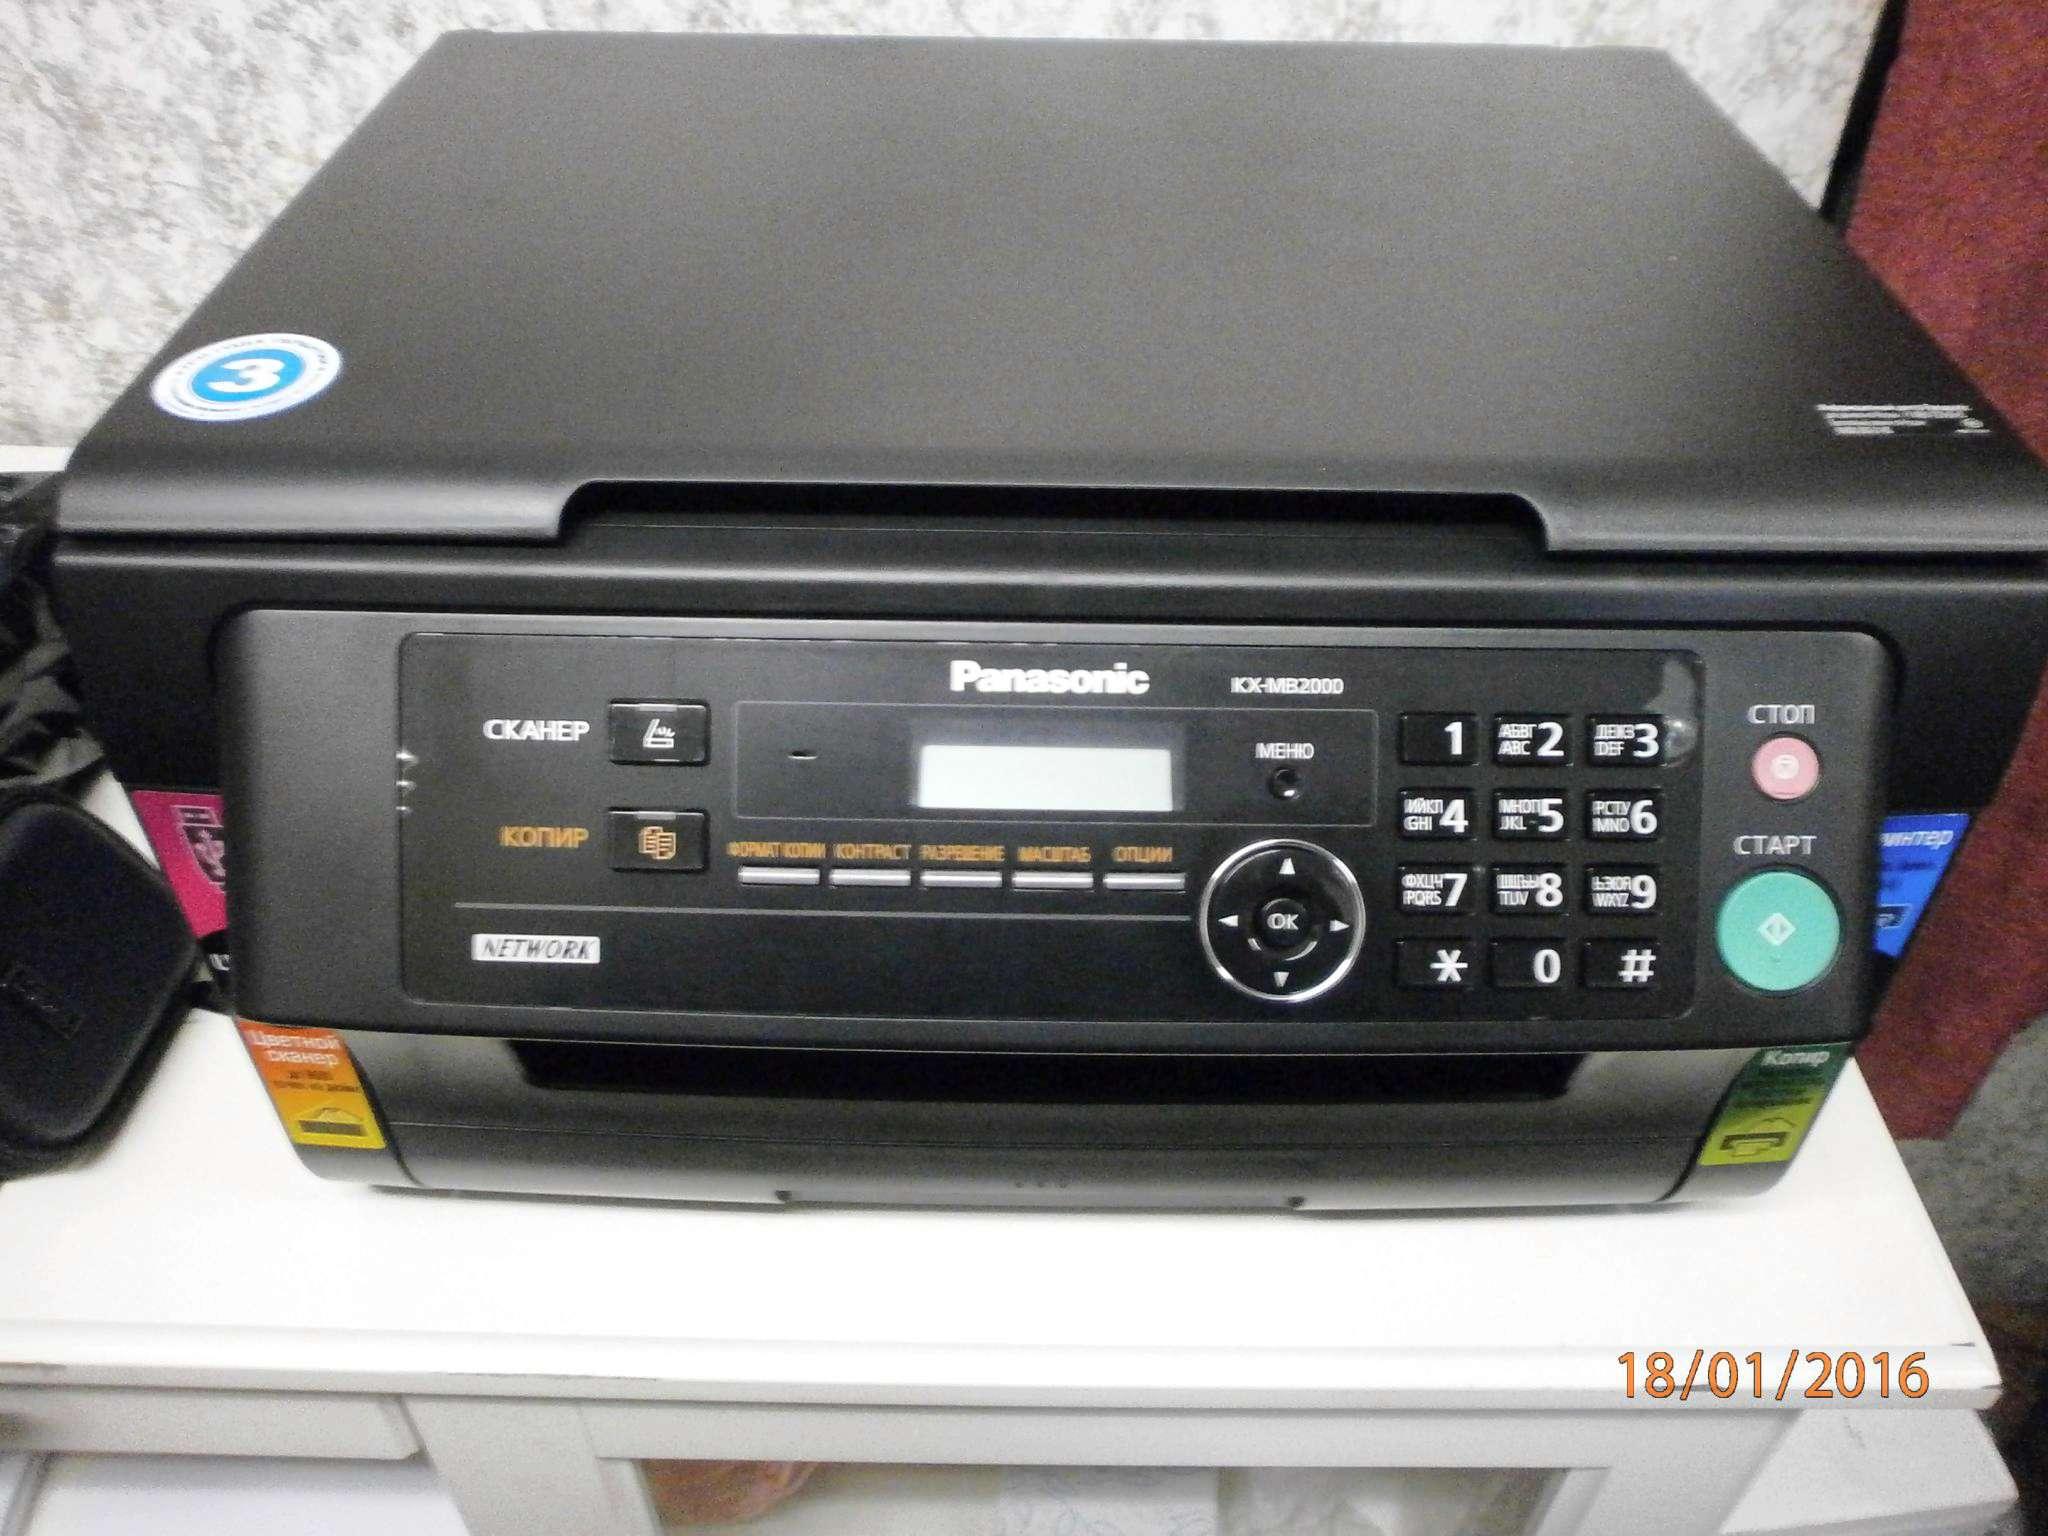 Скачать драйвера на принтер panasonic kx-mb1900.